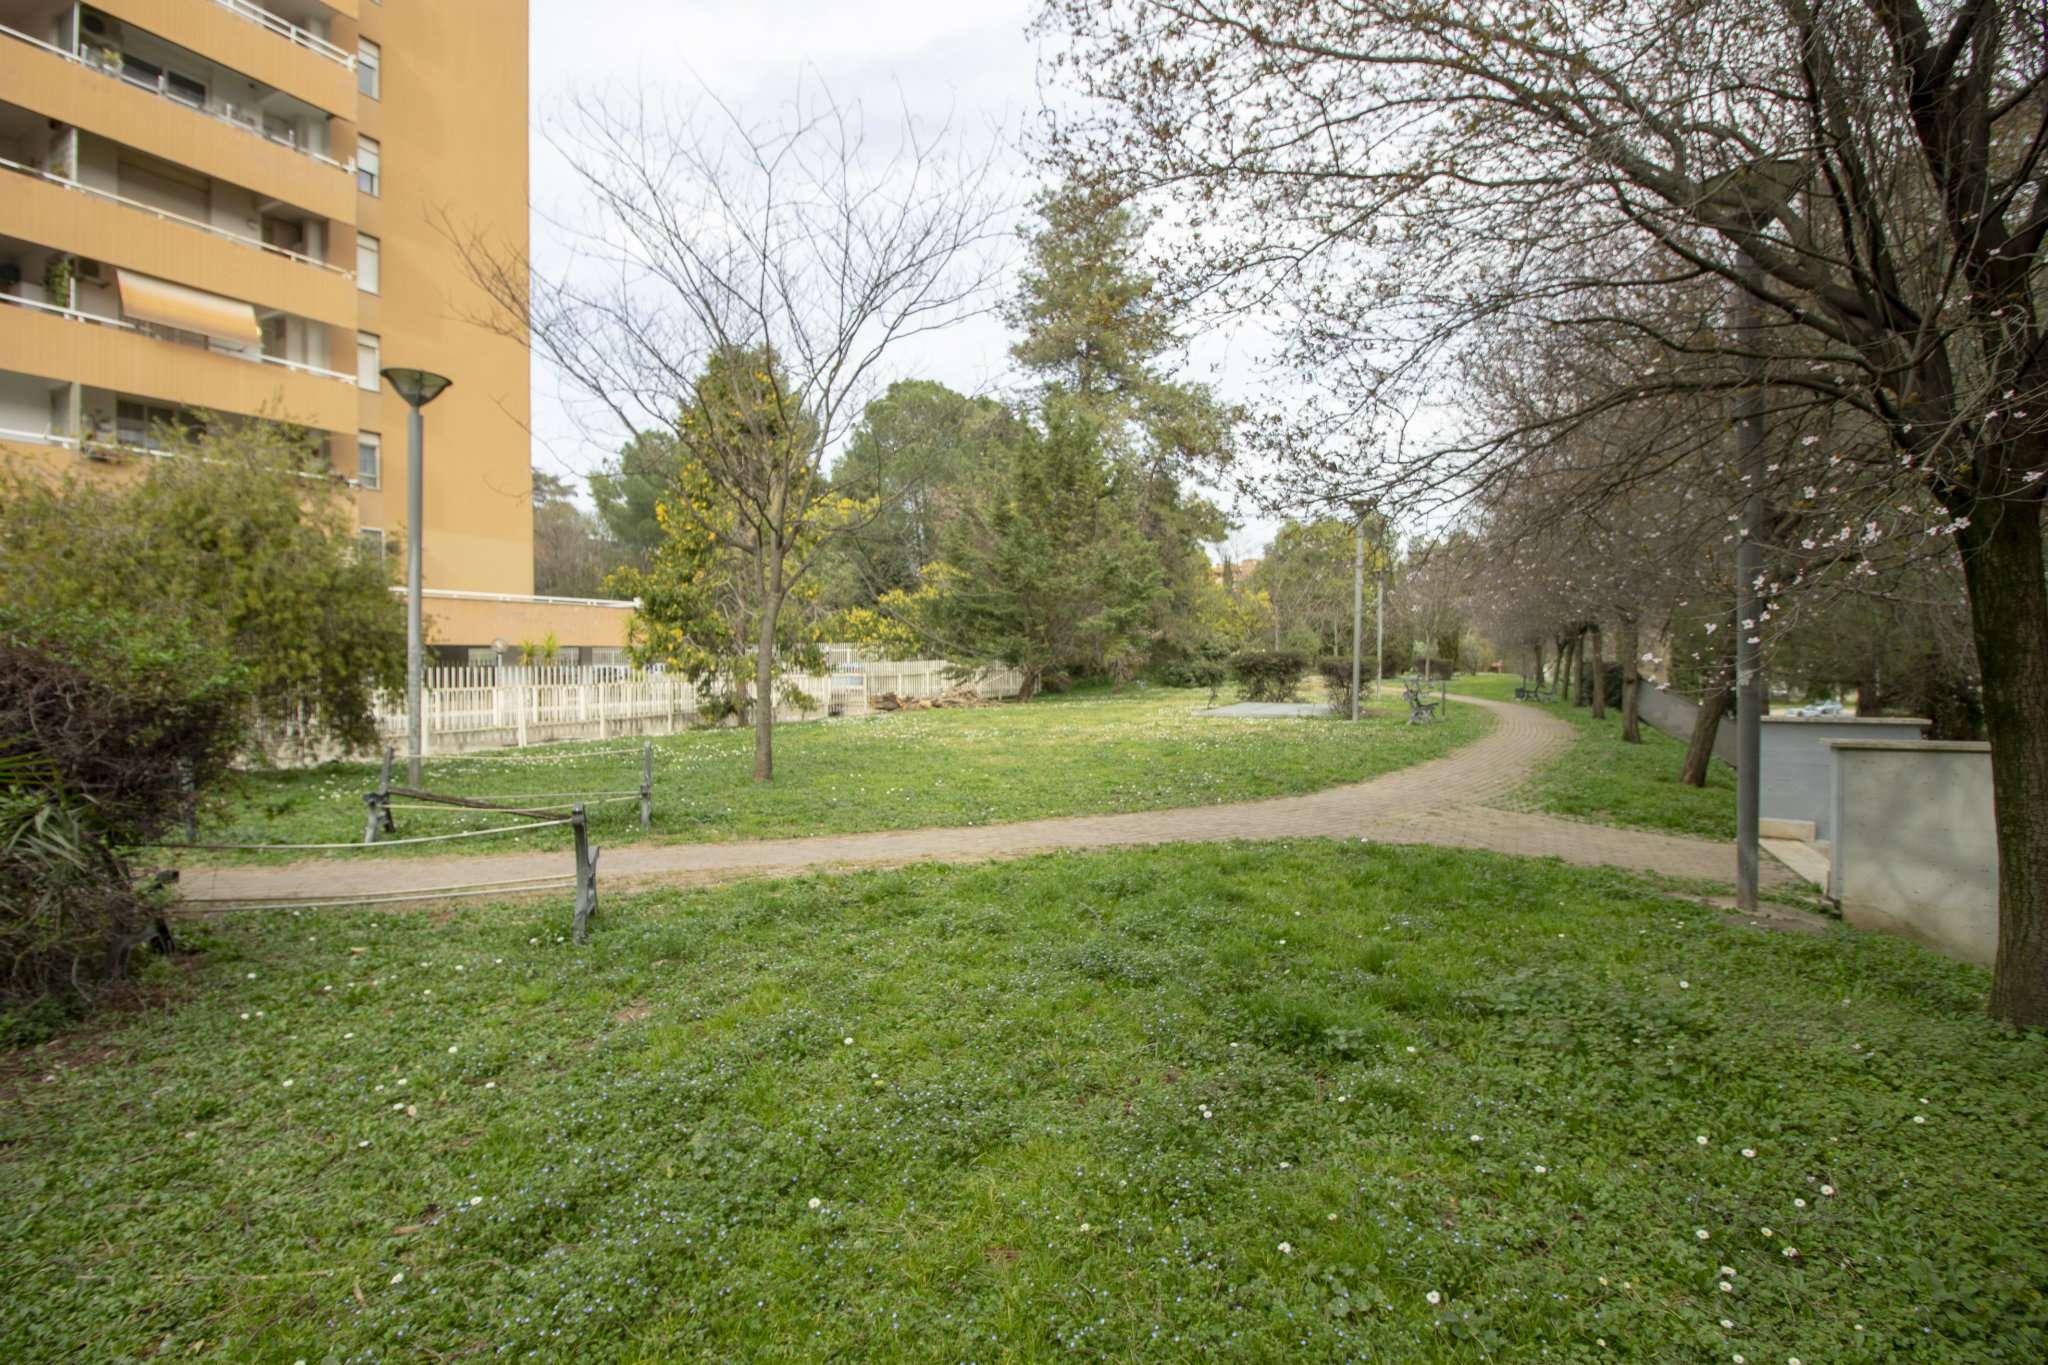 Appartamento in vendita a Roma, 4 locali, zona Zona: 5 . Montesacro - Talenti, prezzo € 335.000   CambioCasa.it